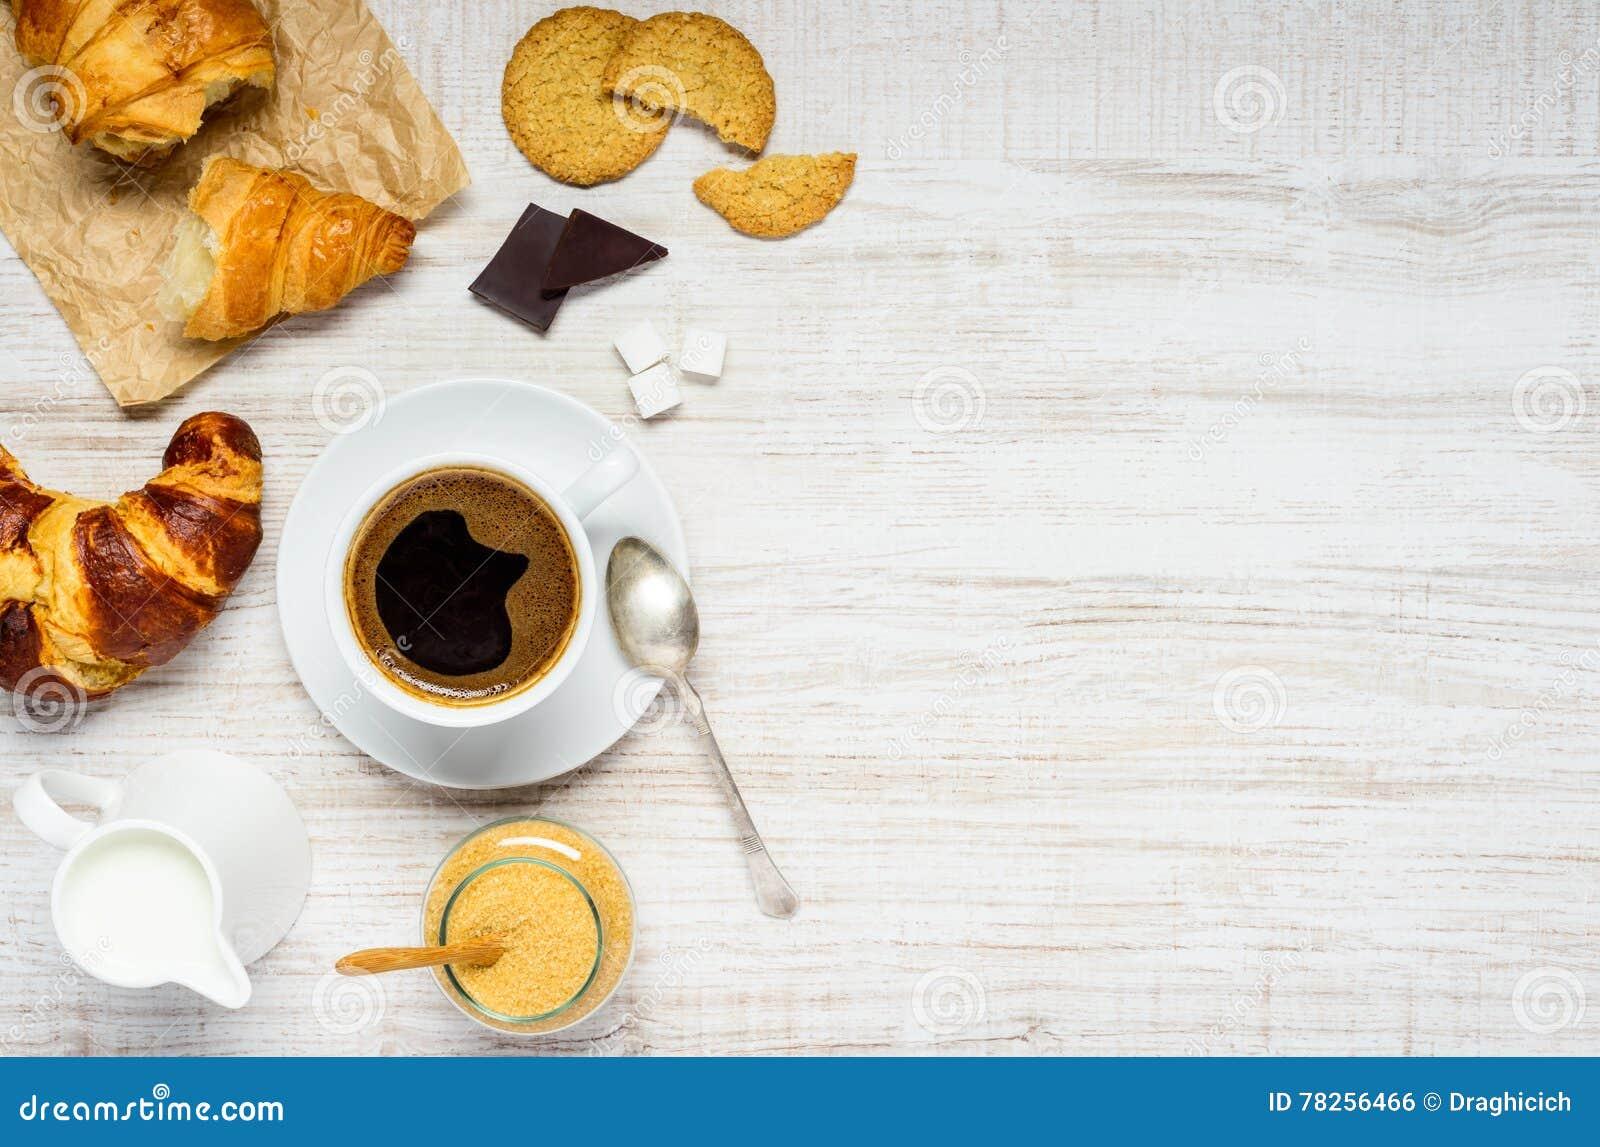 Ποτό καφέ με Croissant και μπισκότο στο διάστημα αντιγράφων